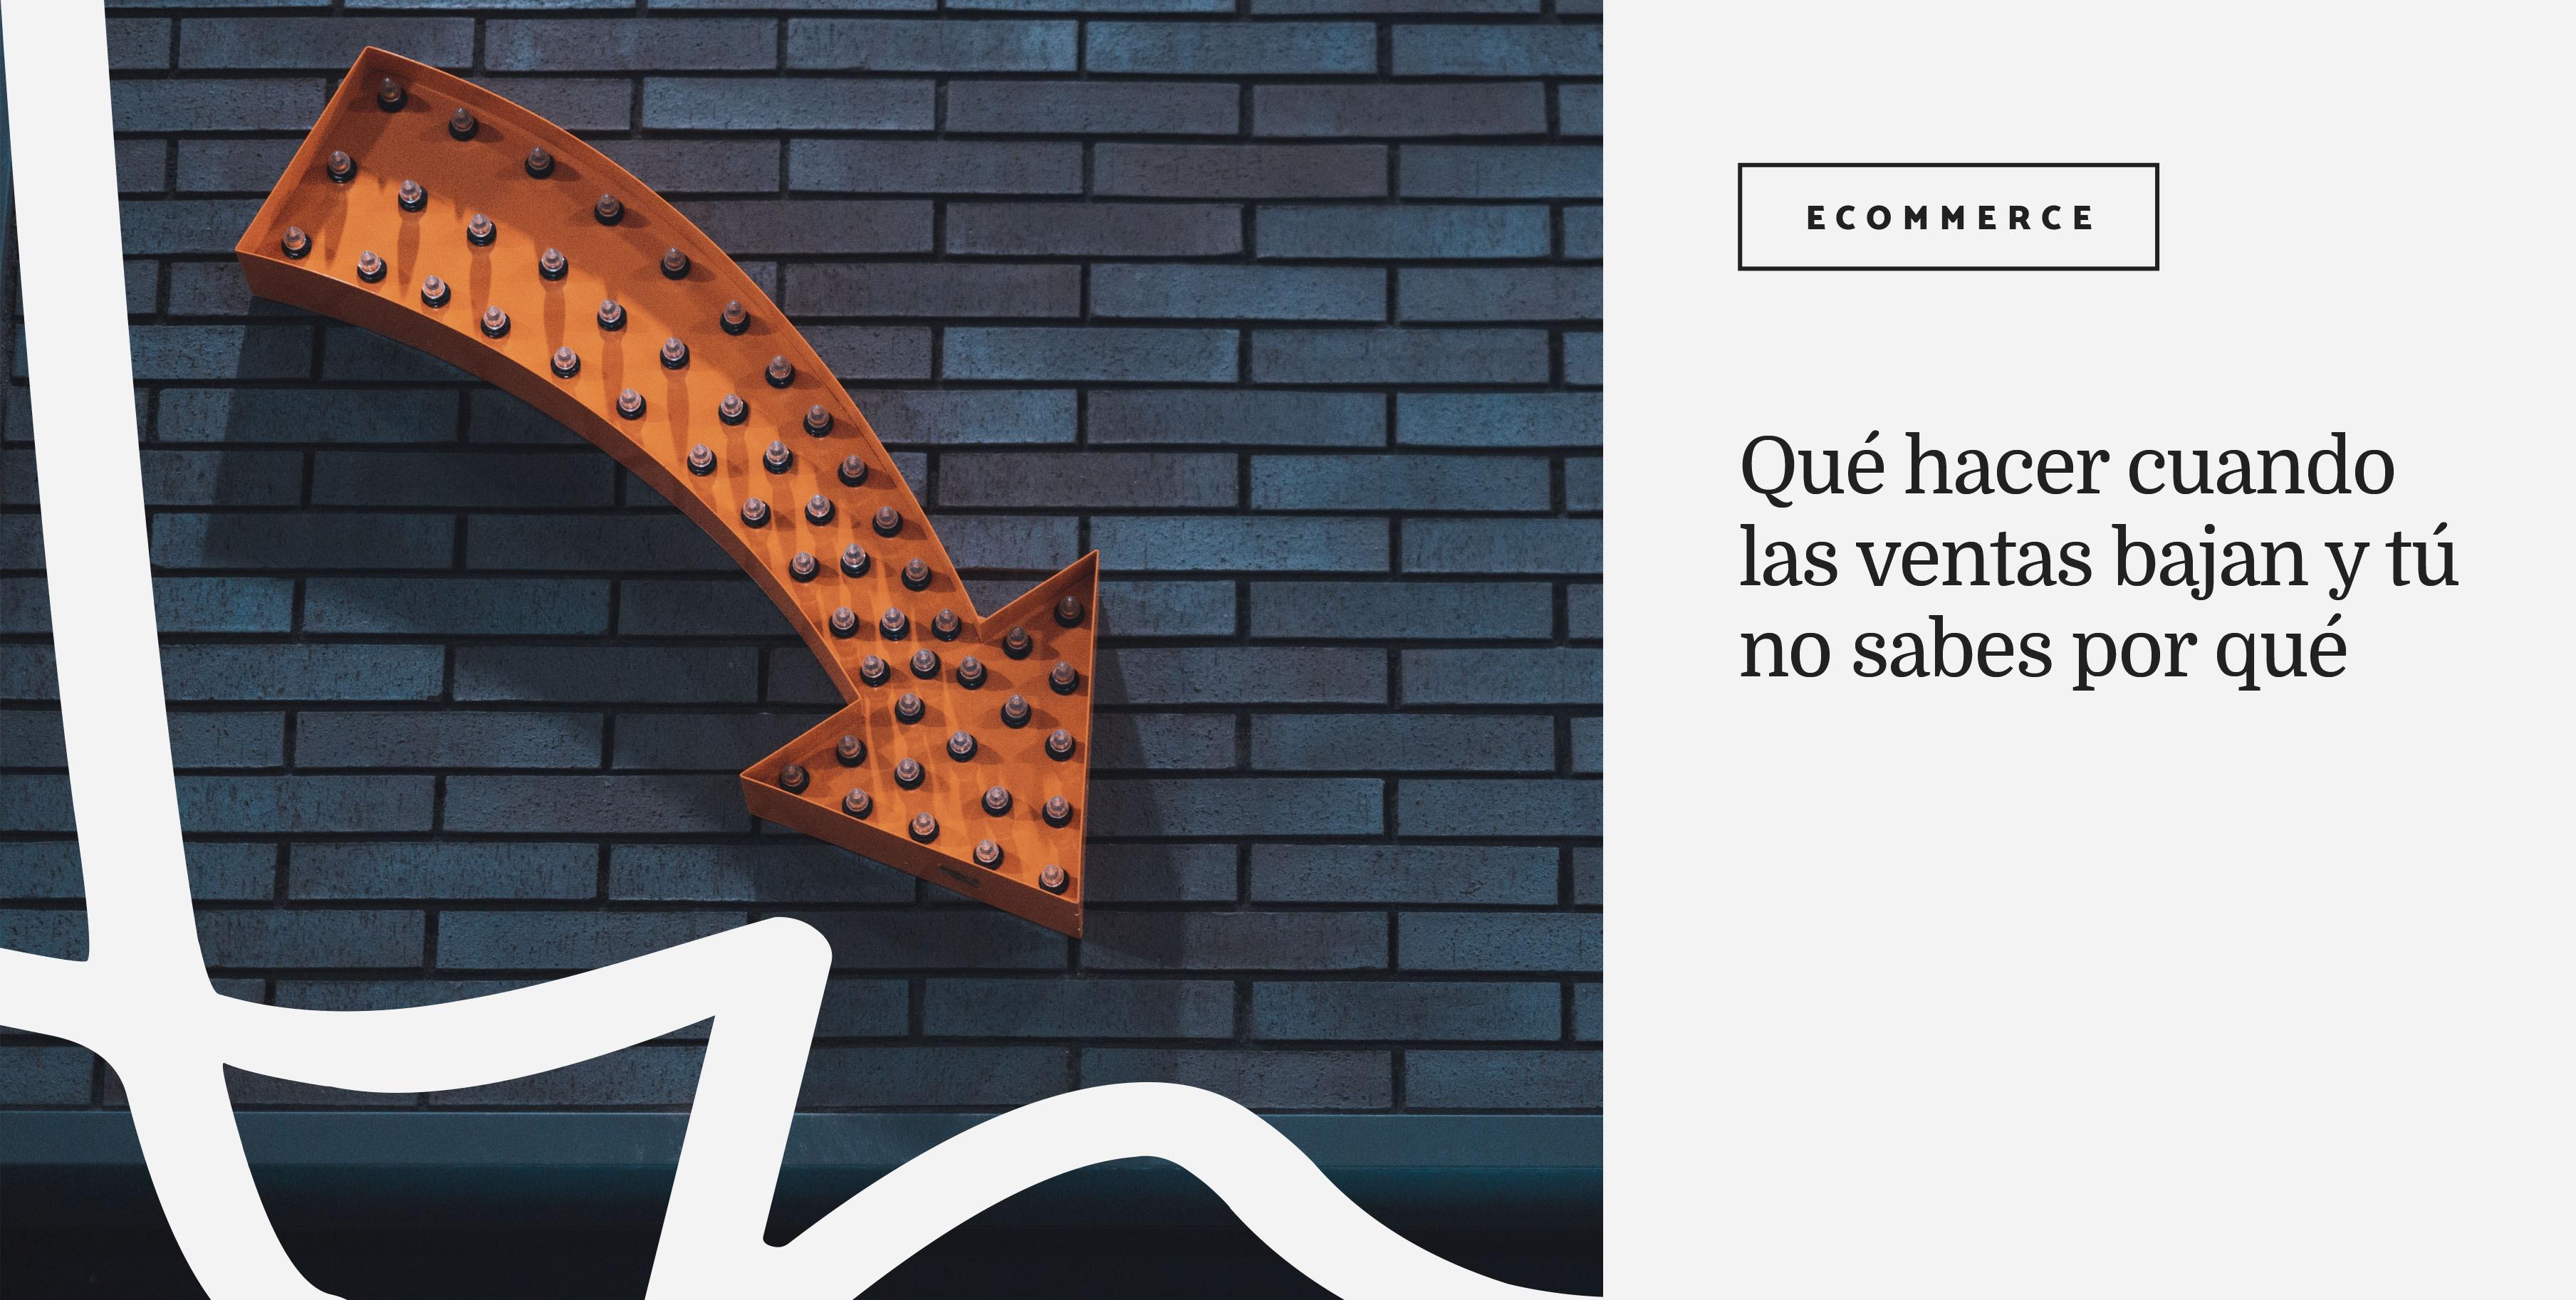 que-hacer-cuando-las-ventas-de-tu-ecommerce-bajan-Ana-Diaz-del-Rio-Portada.jpg